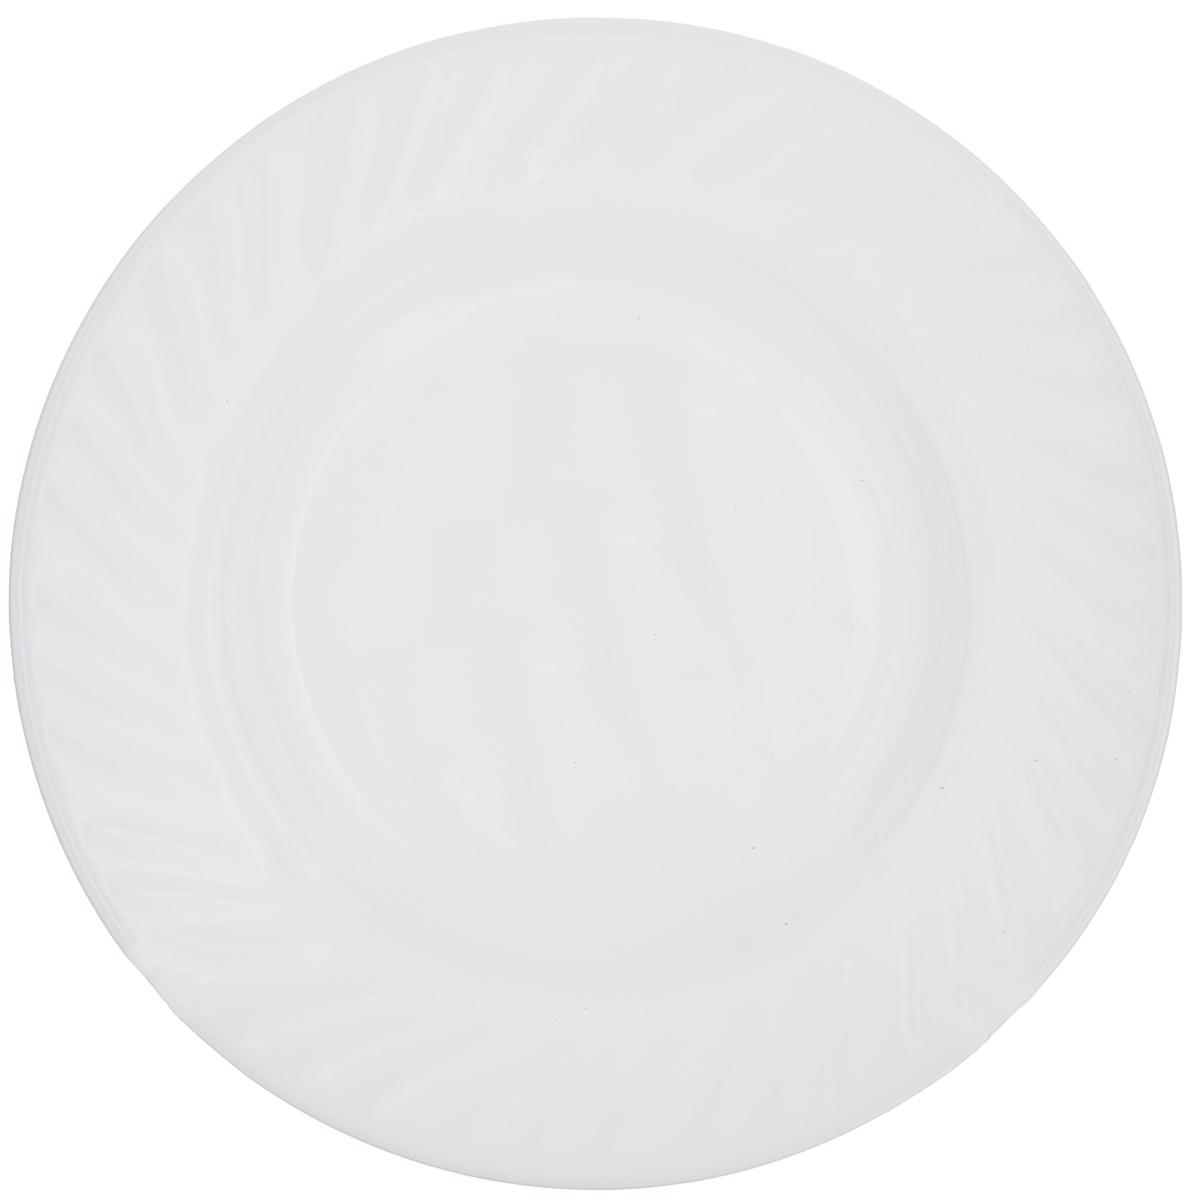 Тарелка House & Holder, цвет: белый, диаметр 17,8 смHP-70Круглая тарелка House & Holder изготовлена из высококачественного стекла. Такая тарелка украсит сервировку вашего стола и подчеркнет прекрасный вкус хозяина, а также станет отличным подарком. Диаметр: 17,8 см. Высота: 1,5 см.